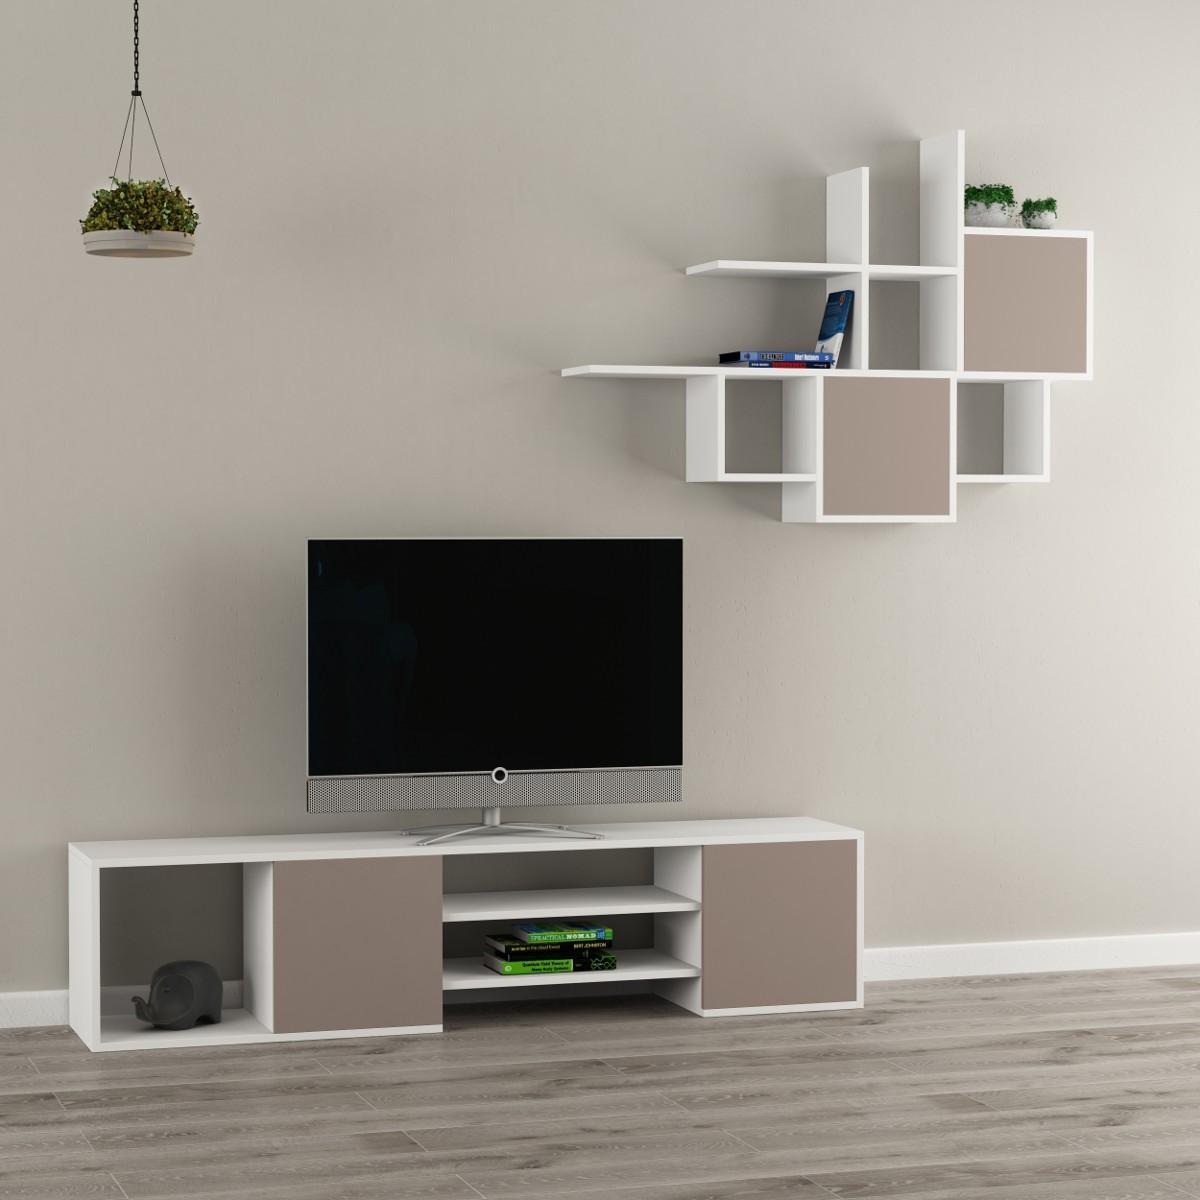 Zayden parete attrezzata mobile tv e libreria sospesa in legno - Mobile libreria a parete ...